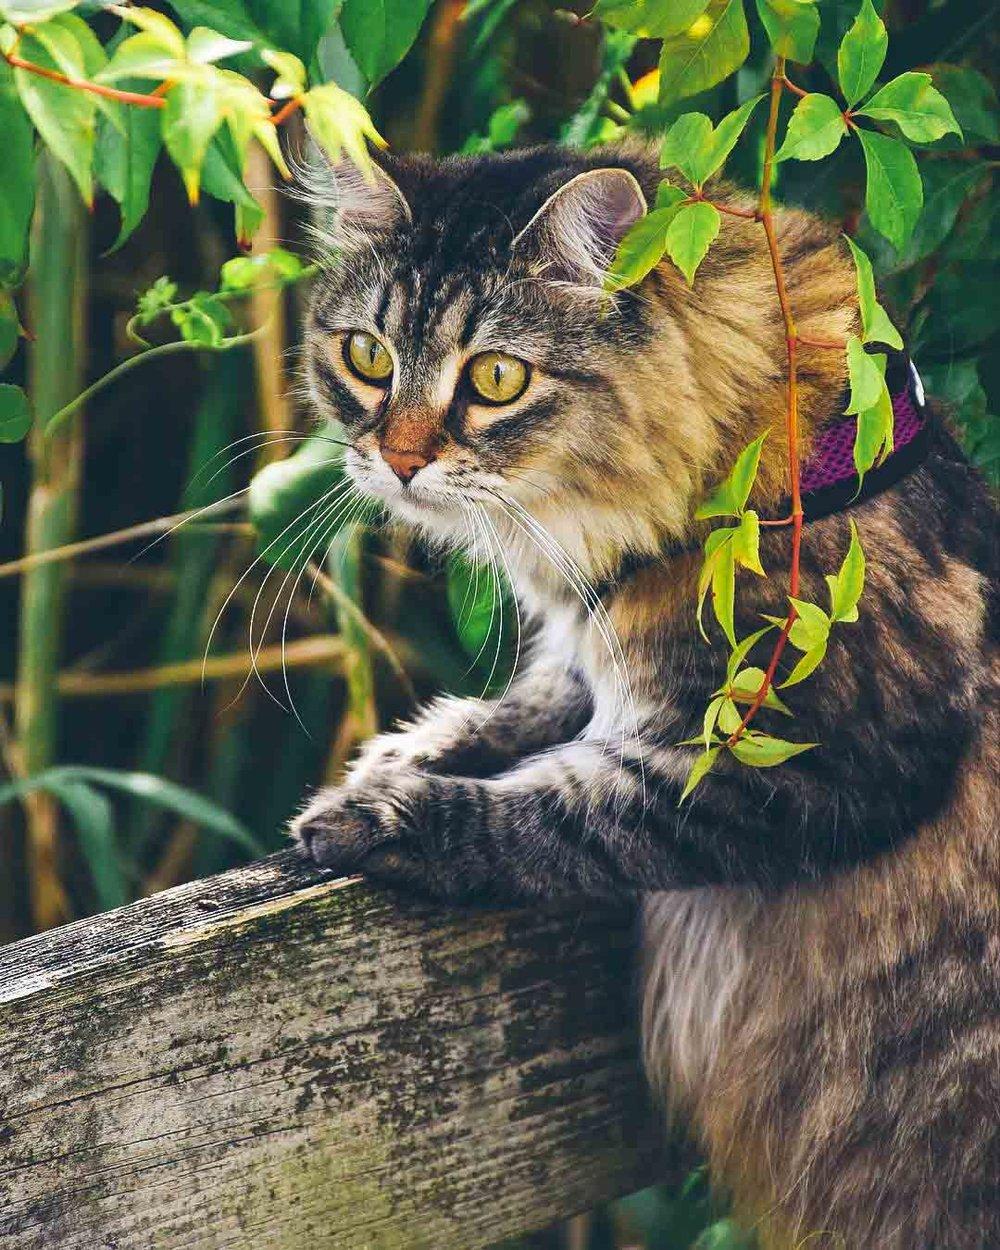 @shishi.haku.lovecats